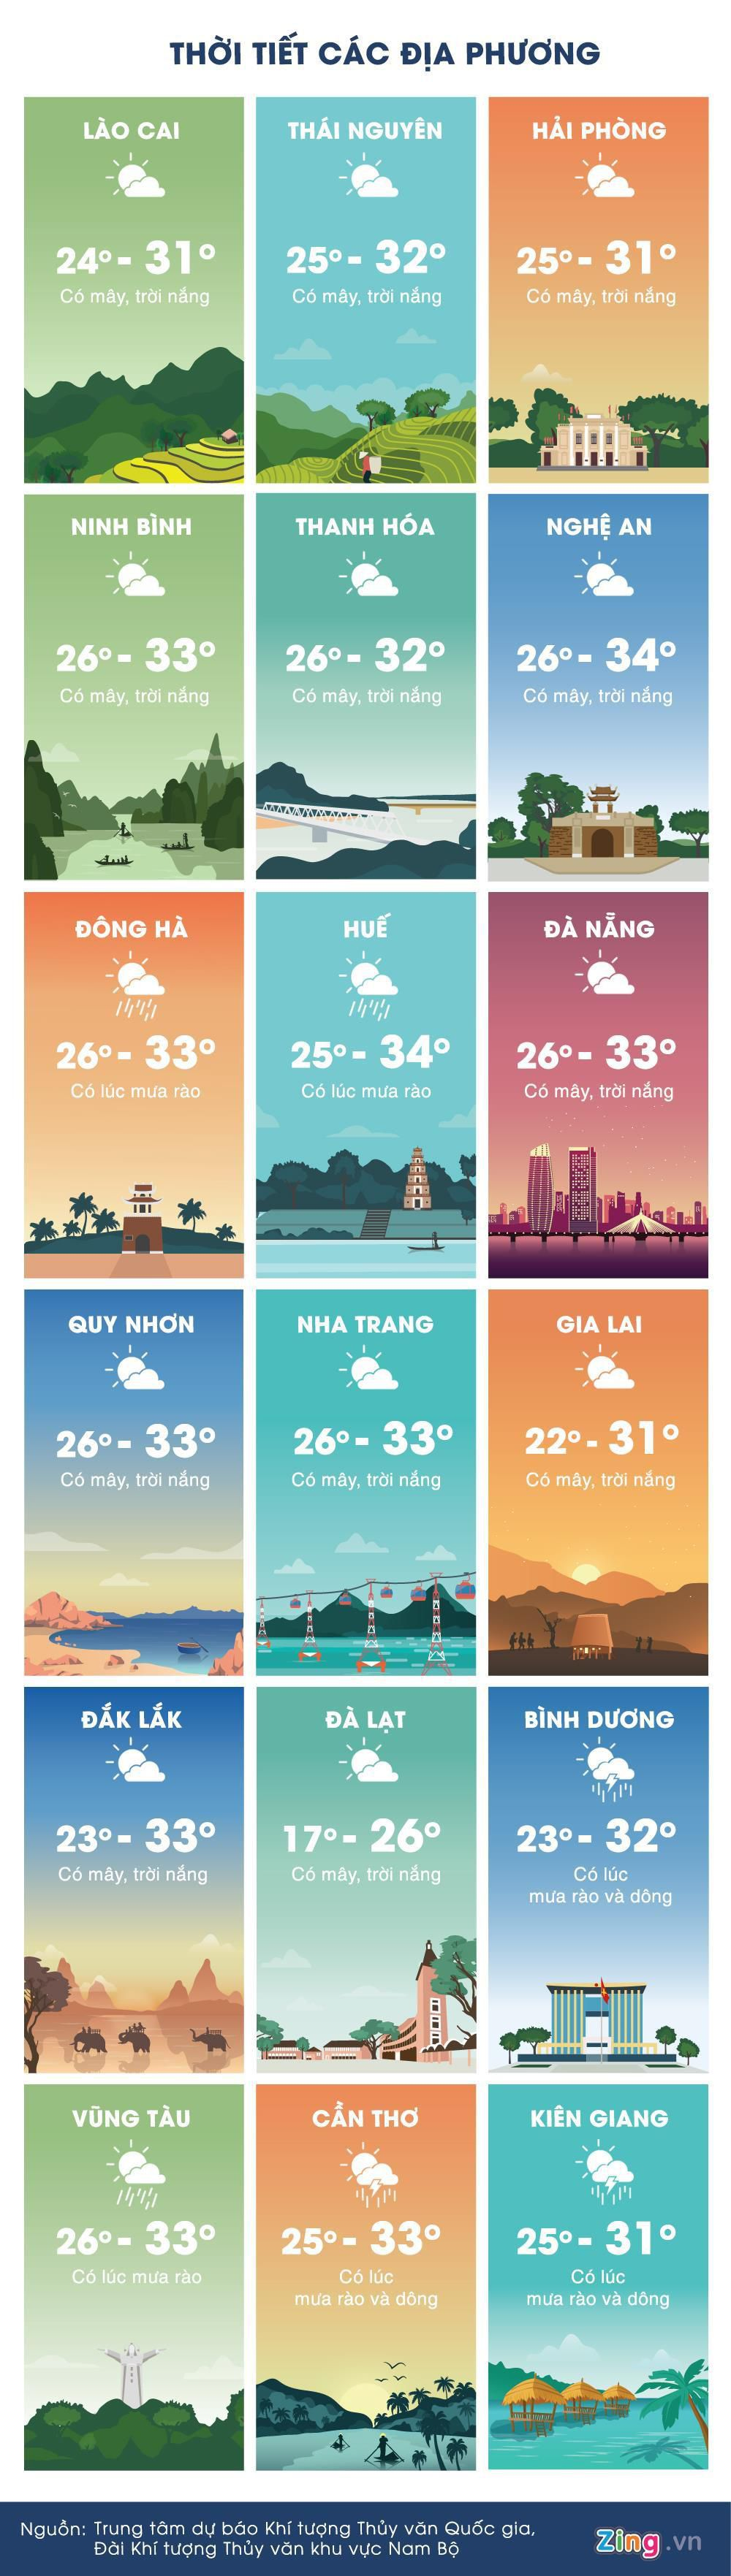 Thời tiết ngày 14/5: Nam Bộ mưa lớn, Tây Bắc nắng nóng 37 độ C Ảnh 3